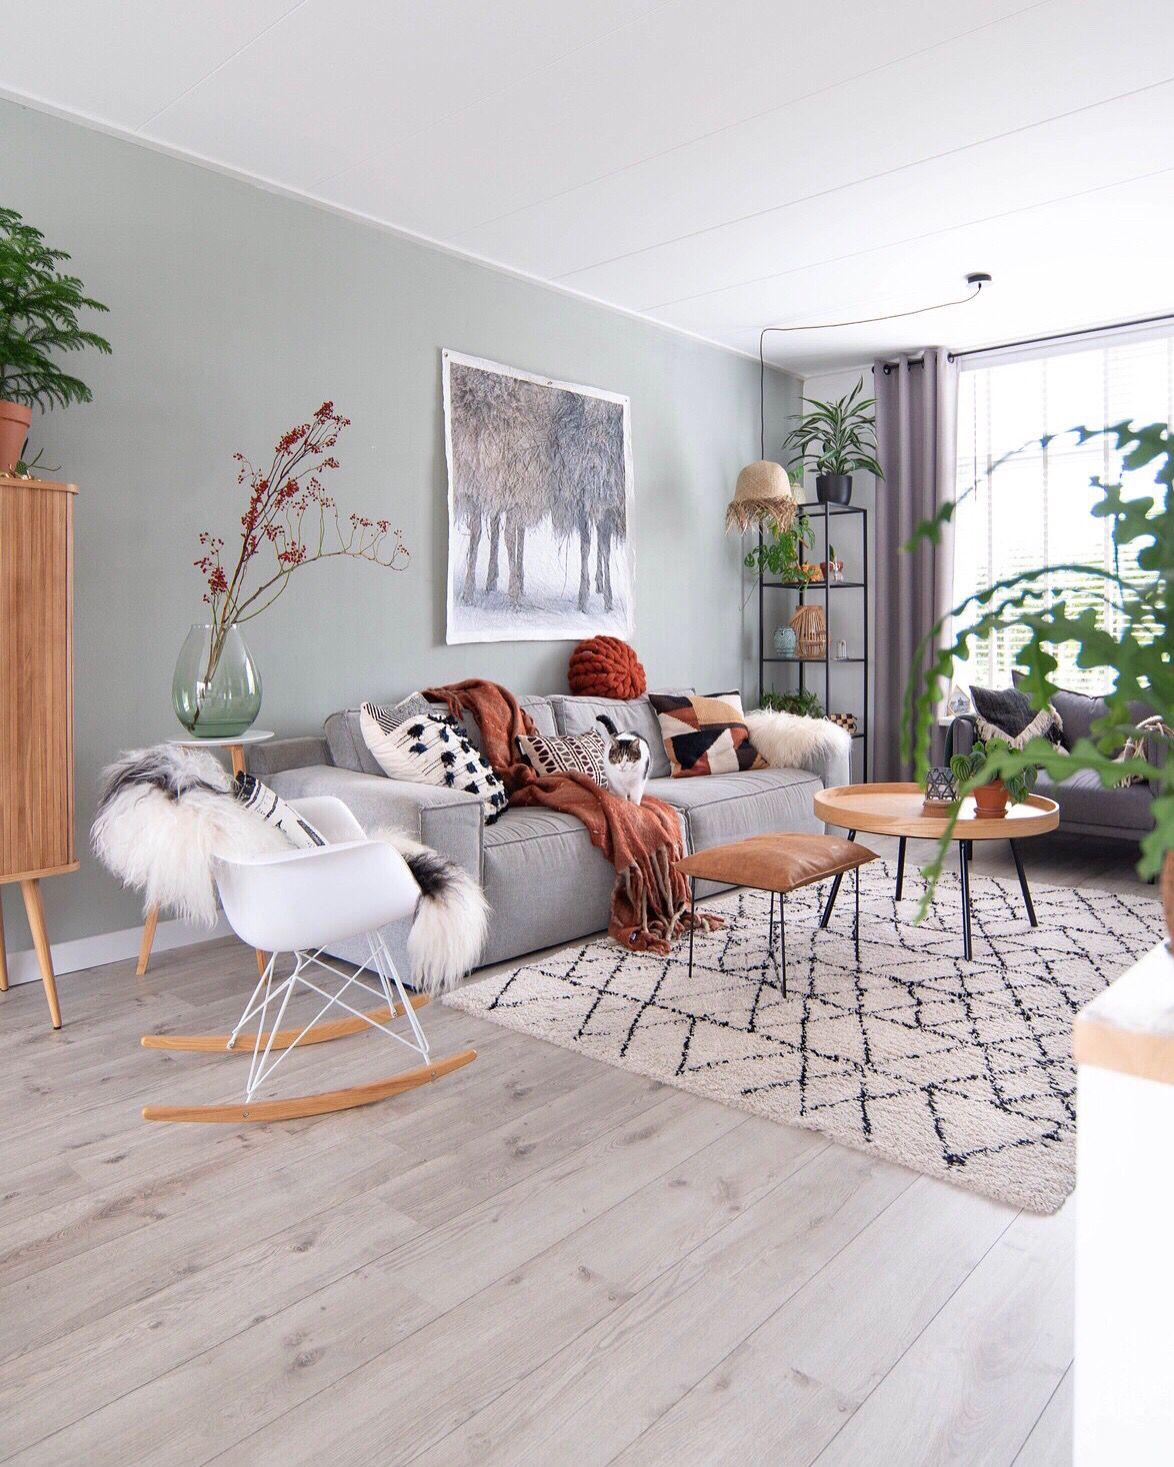 Pale Jade Green By Keeelly91 Interieur Woonkamer Woonkamer Decoratie Grijze Muren Woonkamer